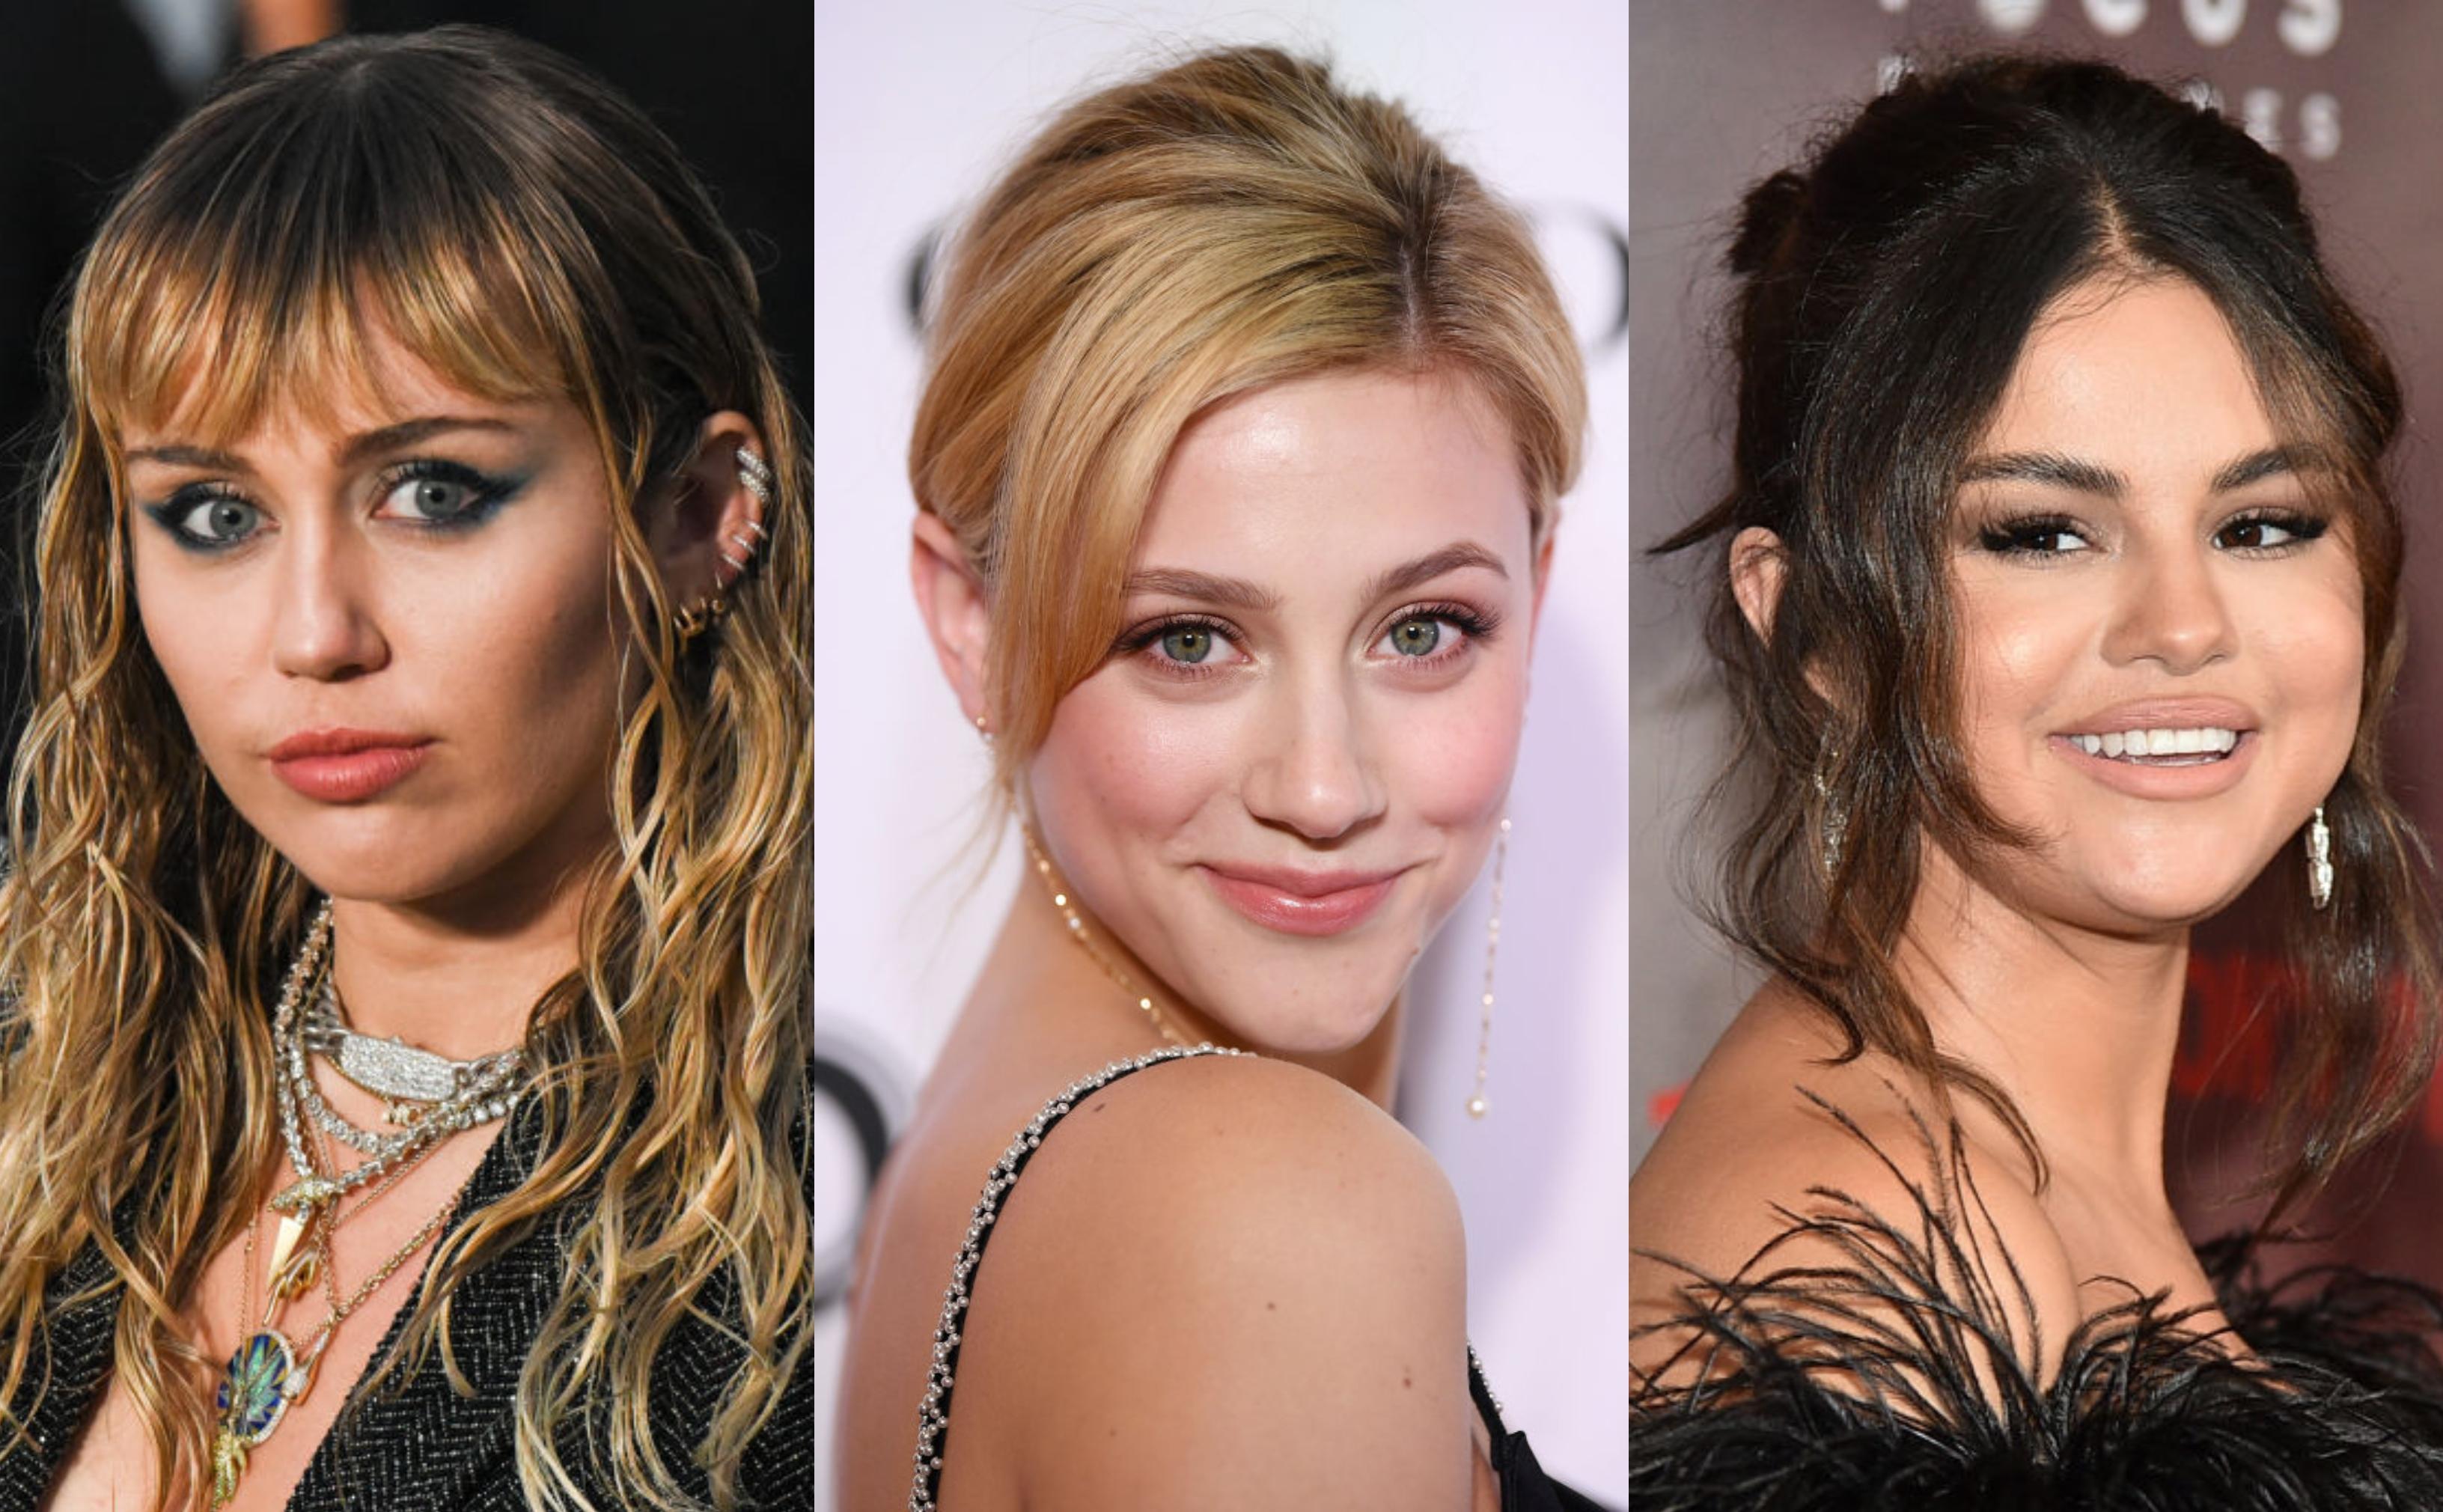 Trendy Jesień 2019 Modne Fryzury Z Grzywką W Stylu Miley